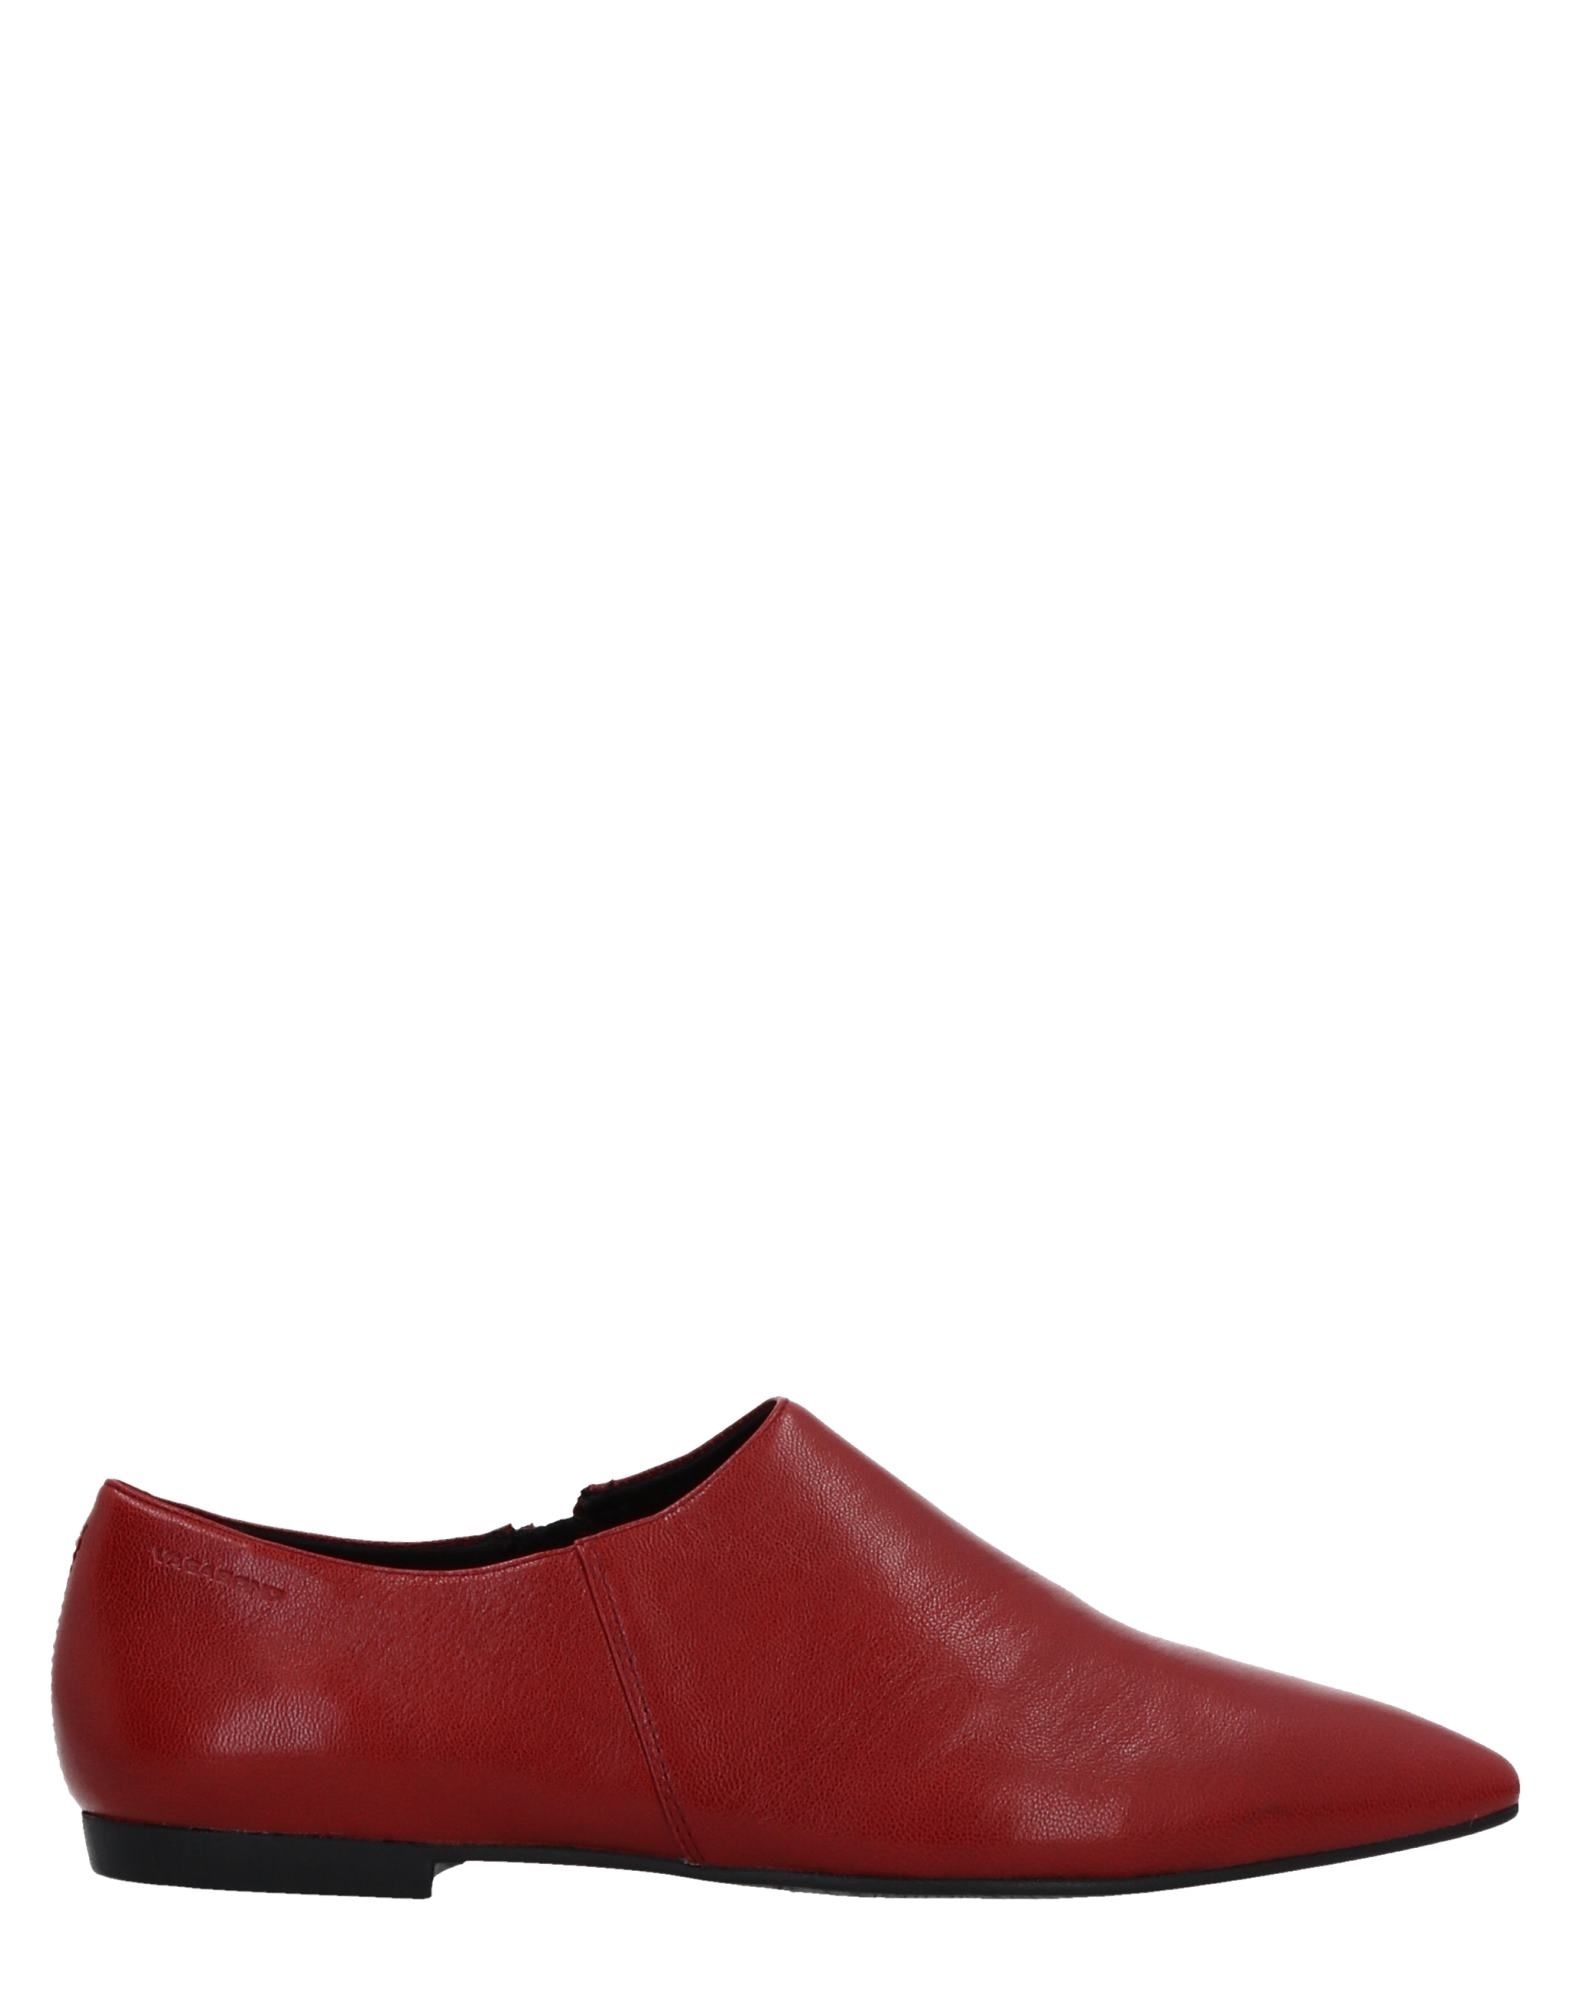 Stivaletti Vagabond Shoemakers Donna - 11512859FQ